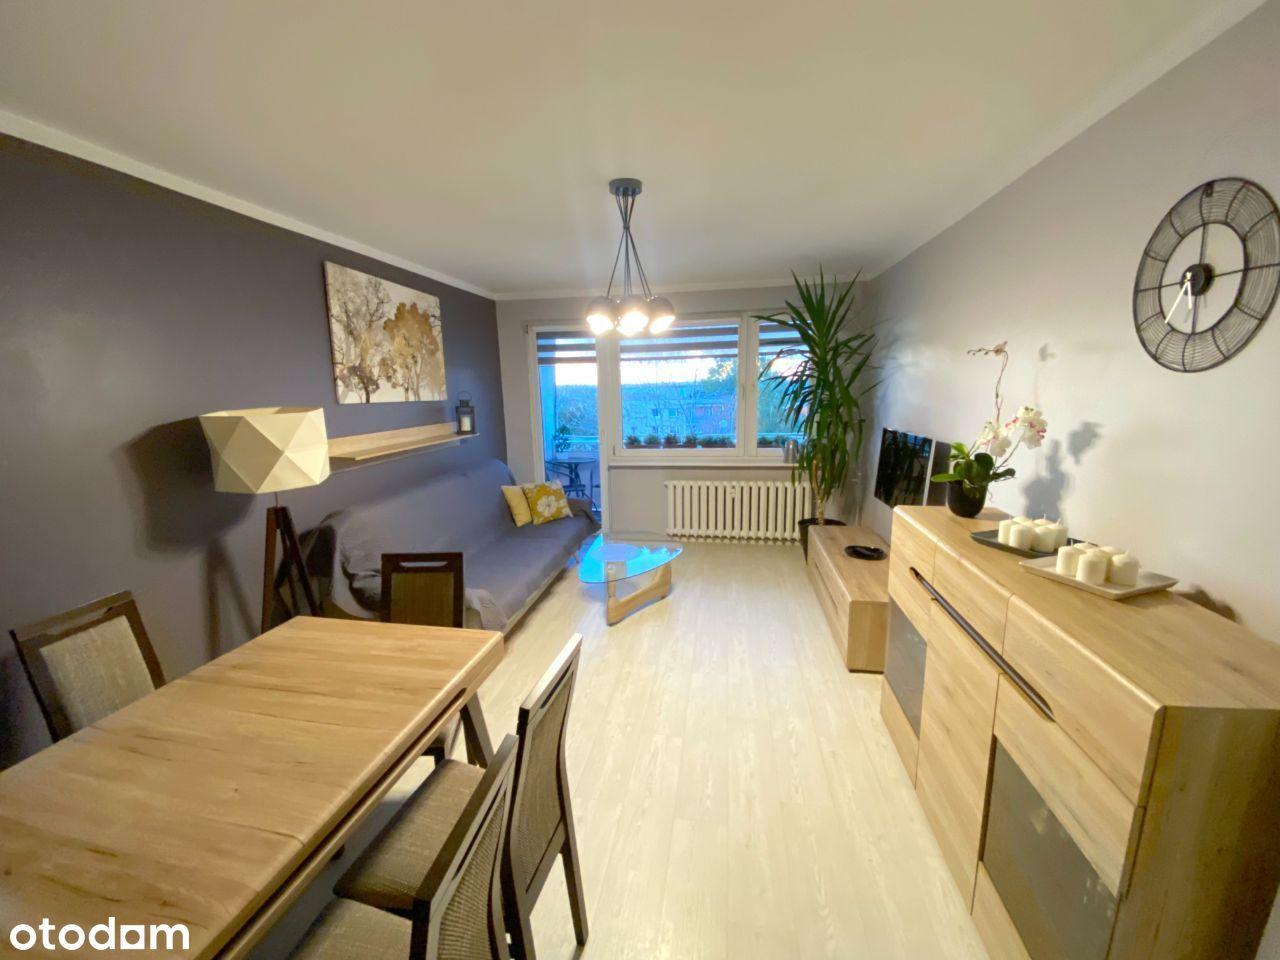 Przestronne 3 pokoje z balkonem, pełne wyposażenie